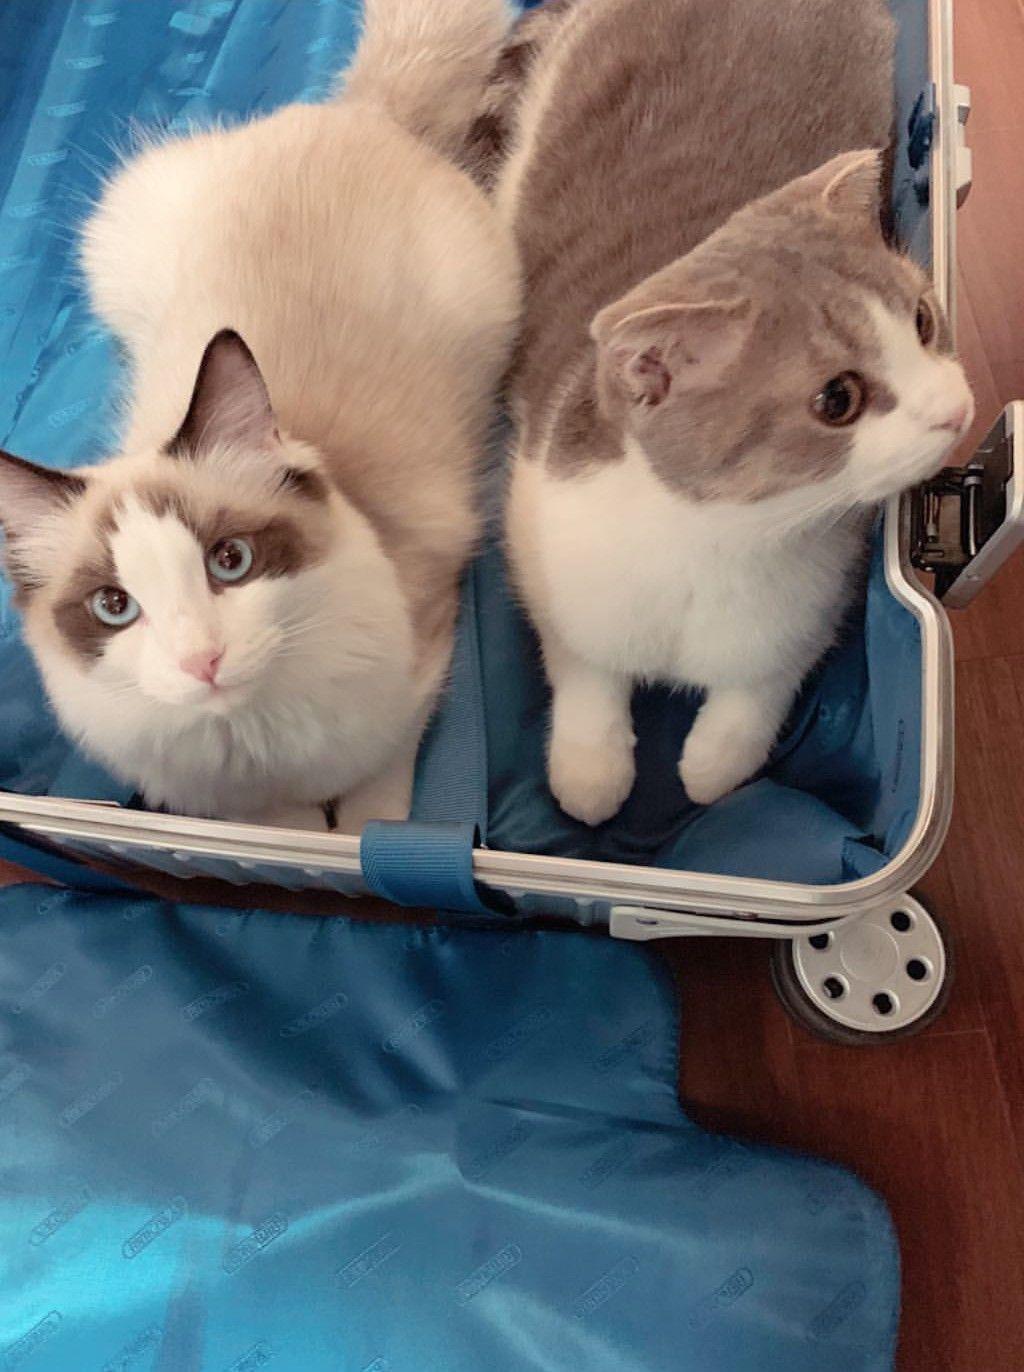 Don T Mess With My Gangsta Kitty Meaoww R Aww Kitty Aww Animals